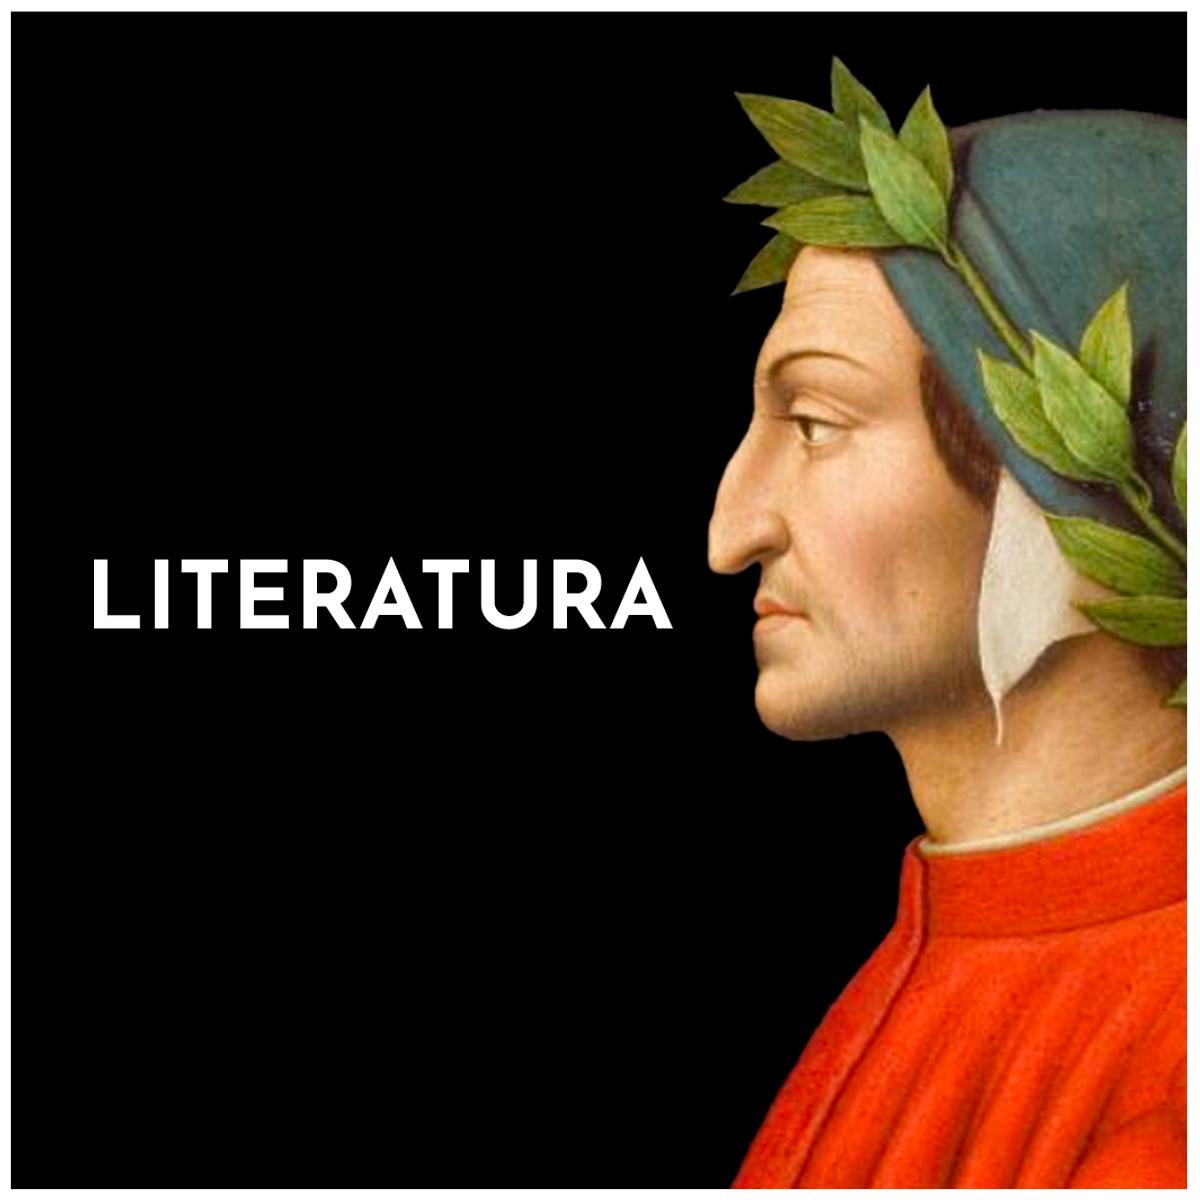 Cursos de Literatura, Cursos de Literatura en español, Cursos Online, cursos en español, aprendizaje, cursos en linea, Ilustre, cursos gratis